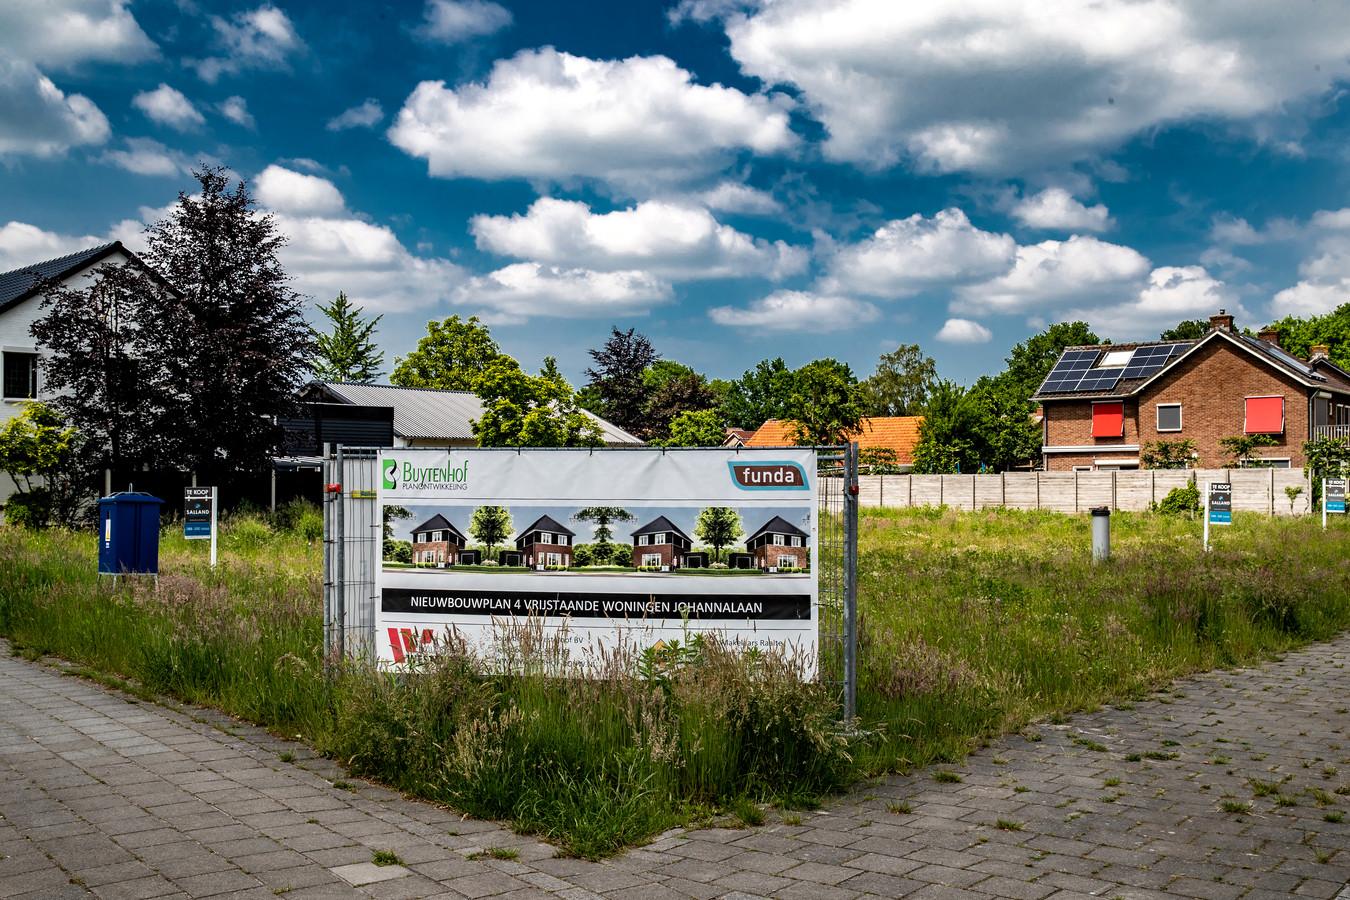 Het is raadslid Jan Schokker een doorn in het oog: in zijn dorp Heeten worden aan de Johannalaan vier woningen van een half miljoen neergezet, waar volgens hem beter acht 'betaalbare' huizen gebouwd konden worden.